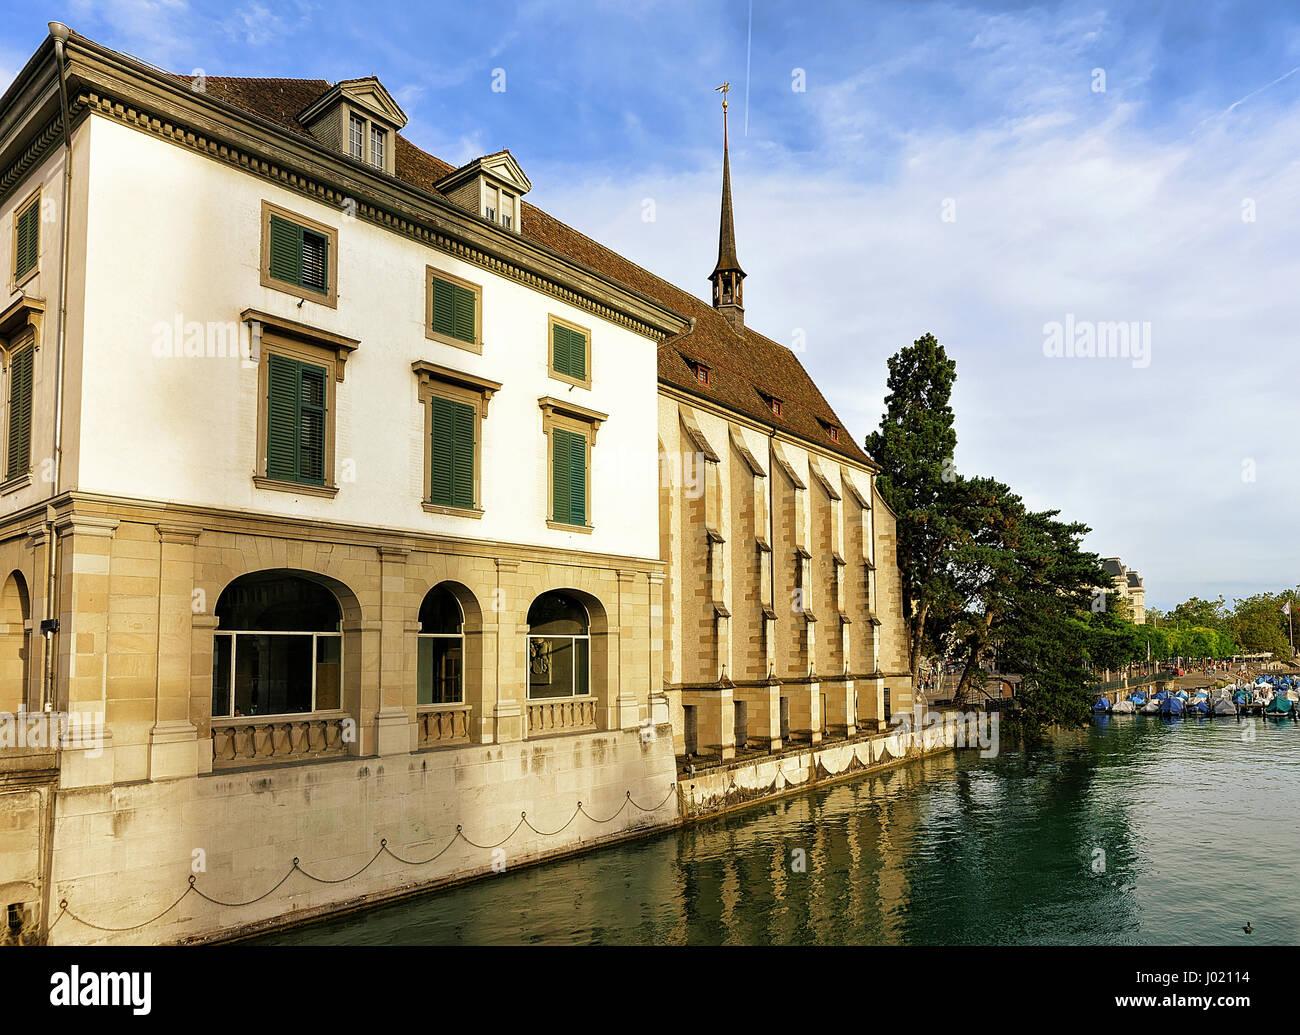 Wasserkirche in Zurich at Limmatquai, Switzerland - Stock Image